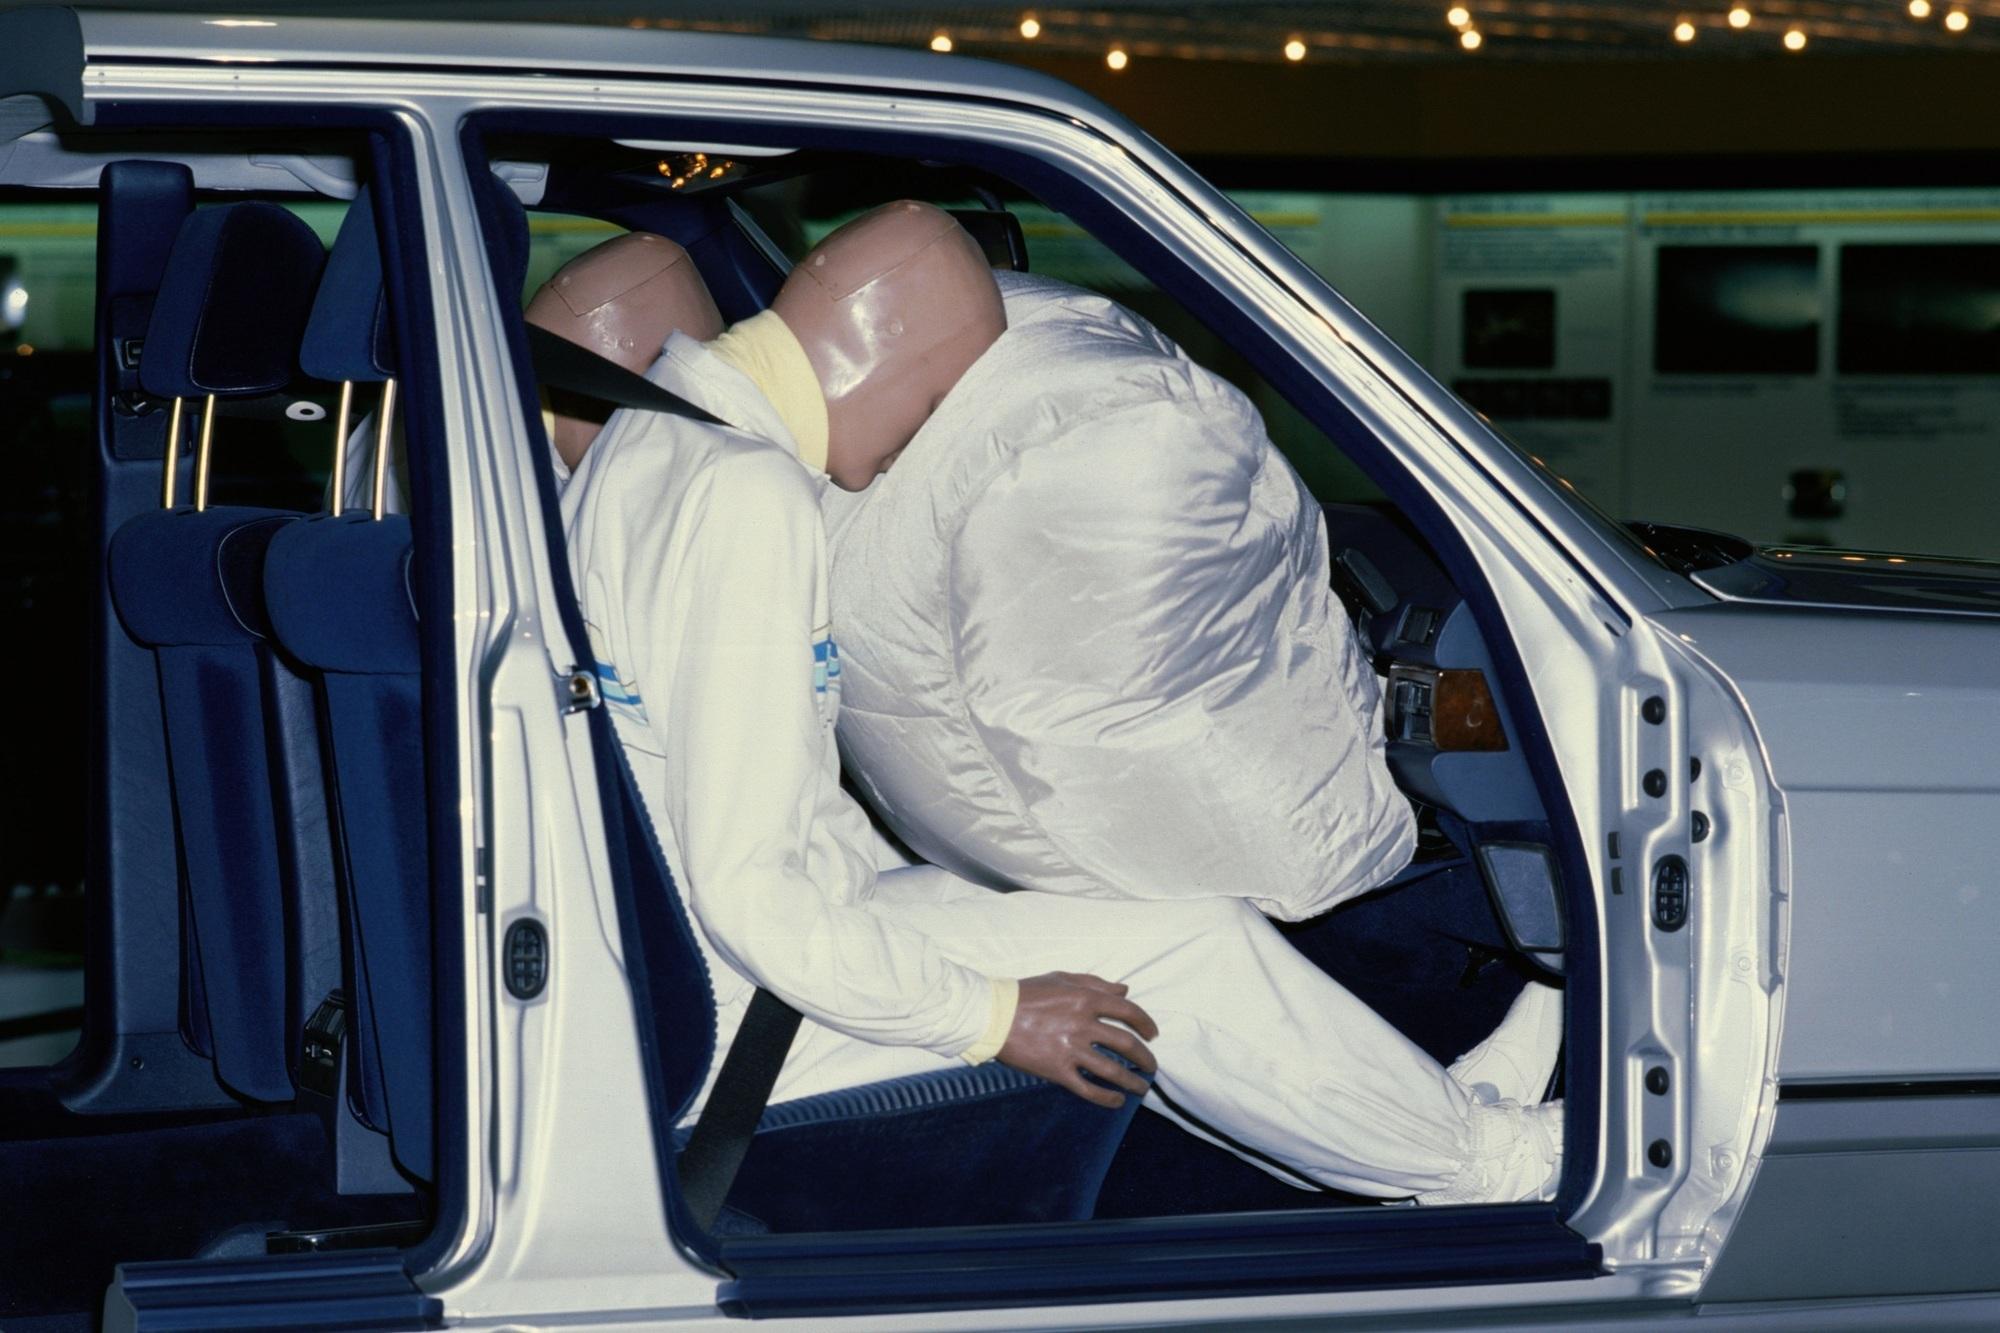 Defekte Airbags - Fehler bei mehr als 100.000 Autos